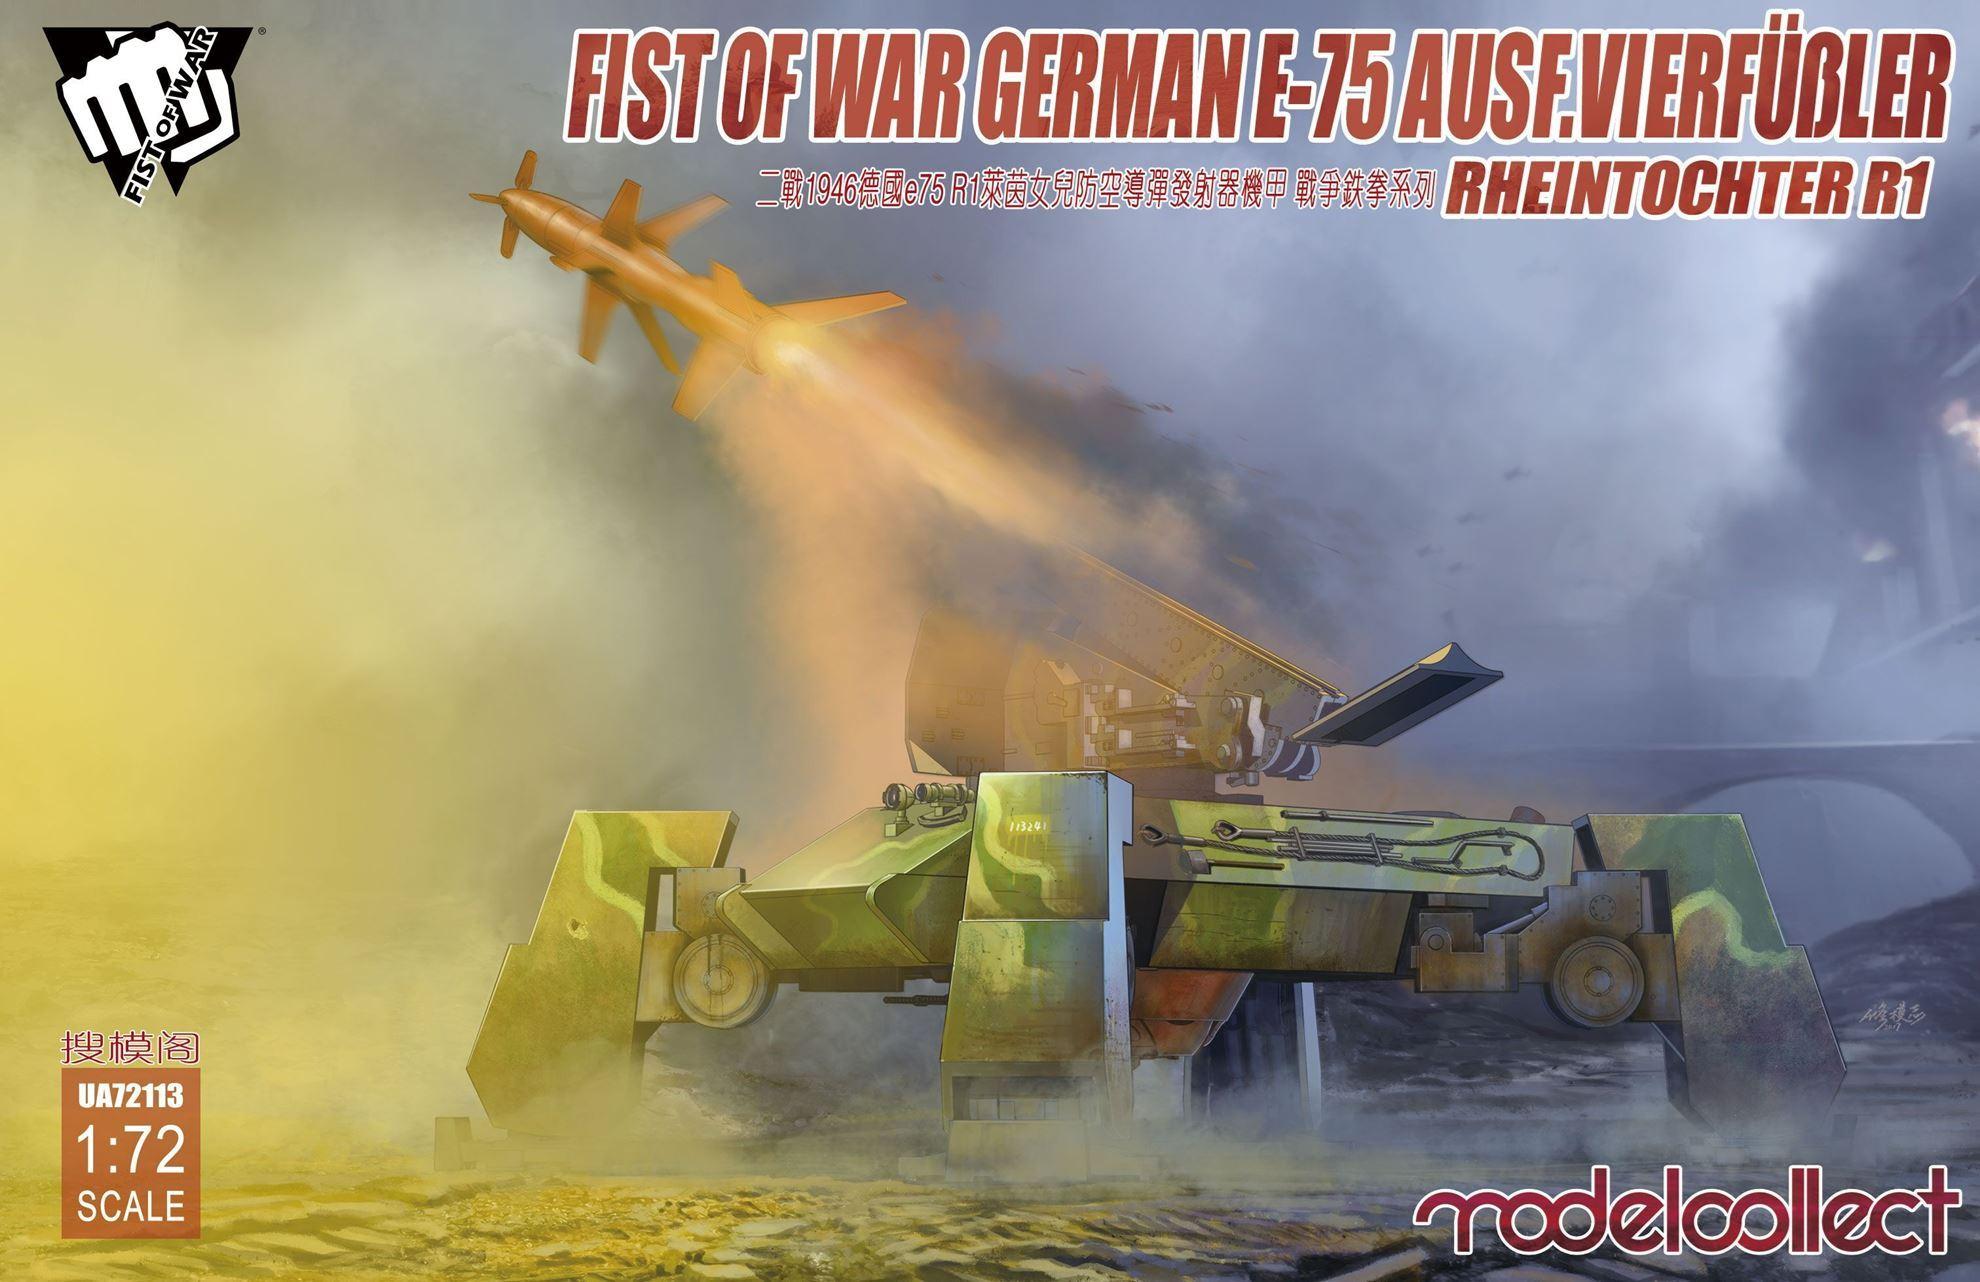 ModelCollect Fist of War German WWII E75 Ausf.vierfubler Rheintochter 1